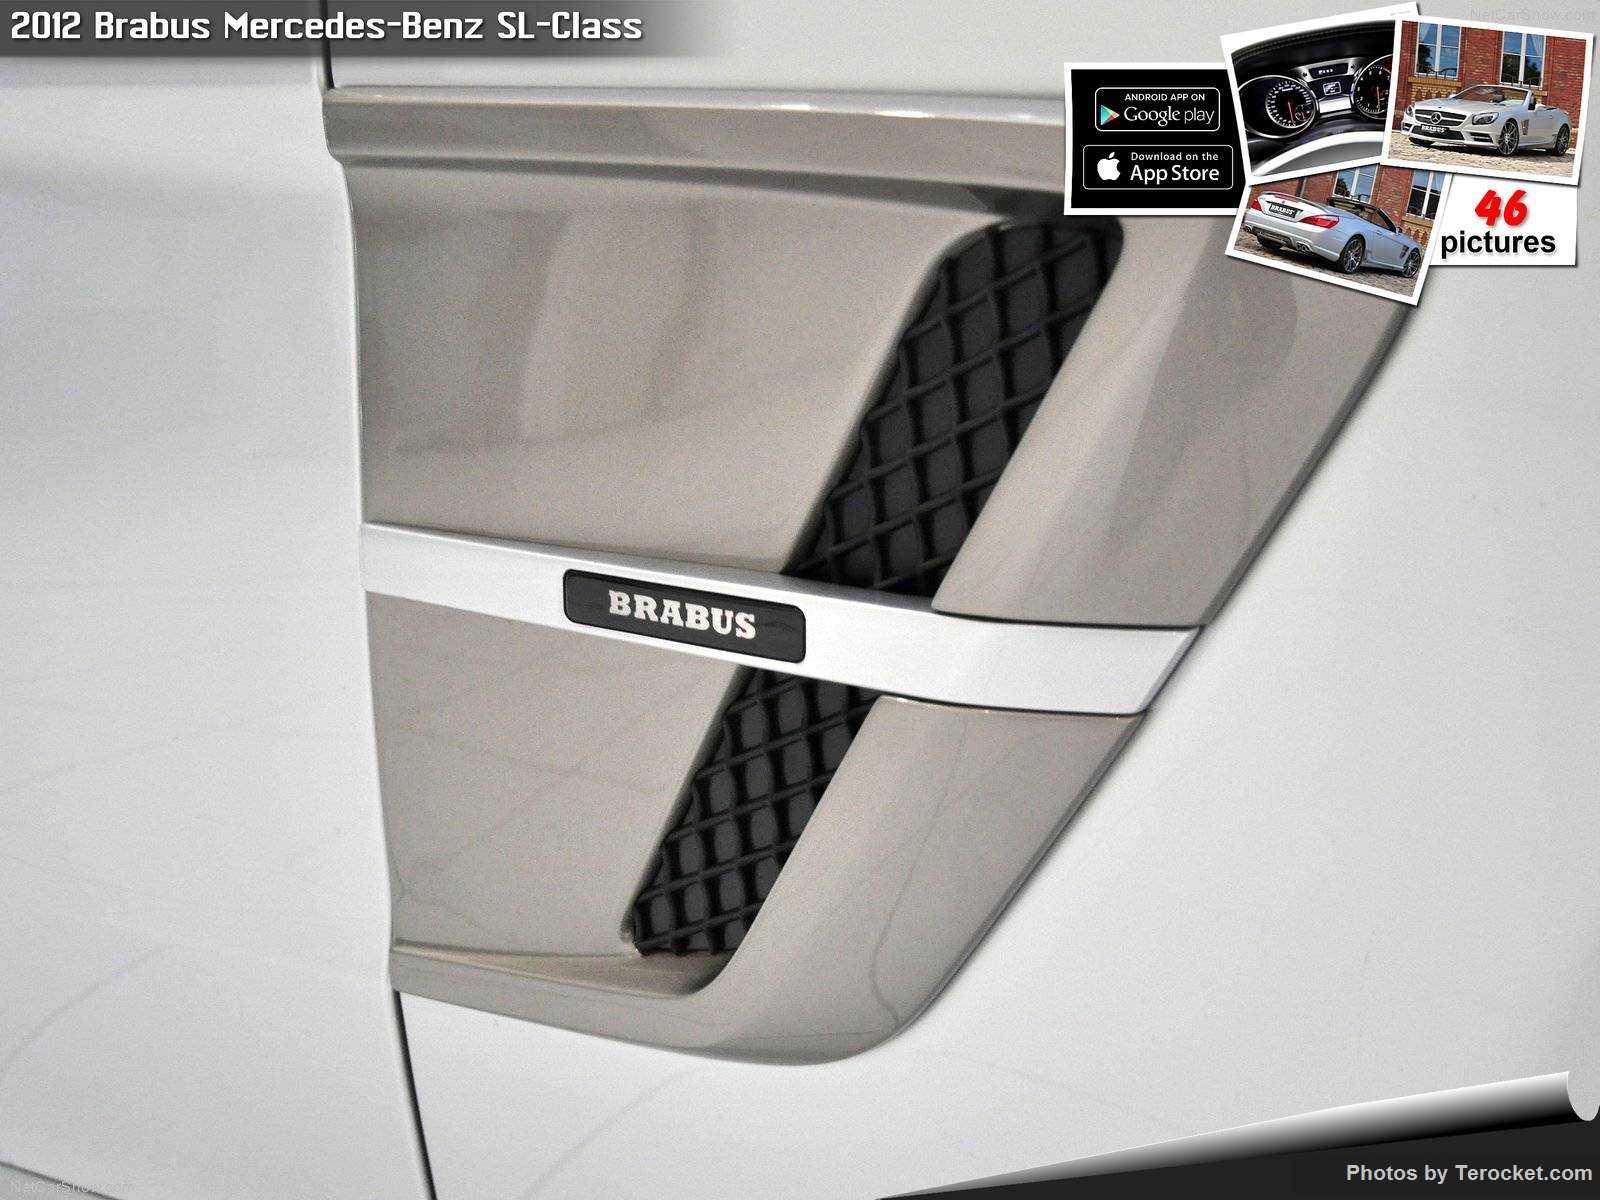 Hình ảnh xe ô tô Brabus Mercedes-Benz SL-Class 2012 & nội ngoại thất